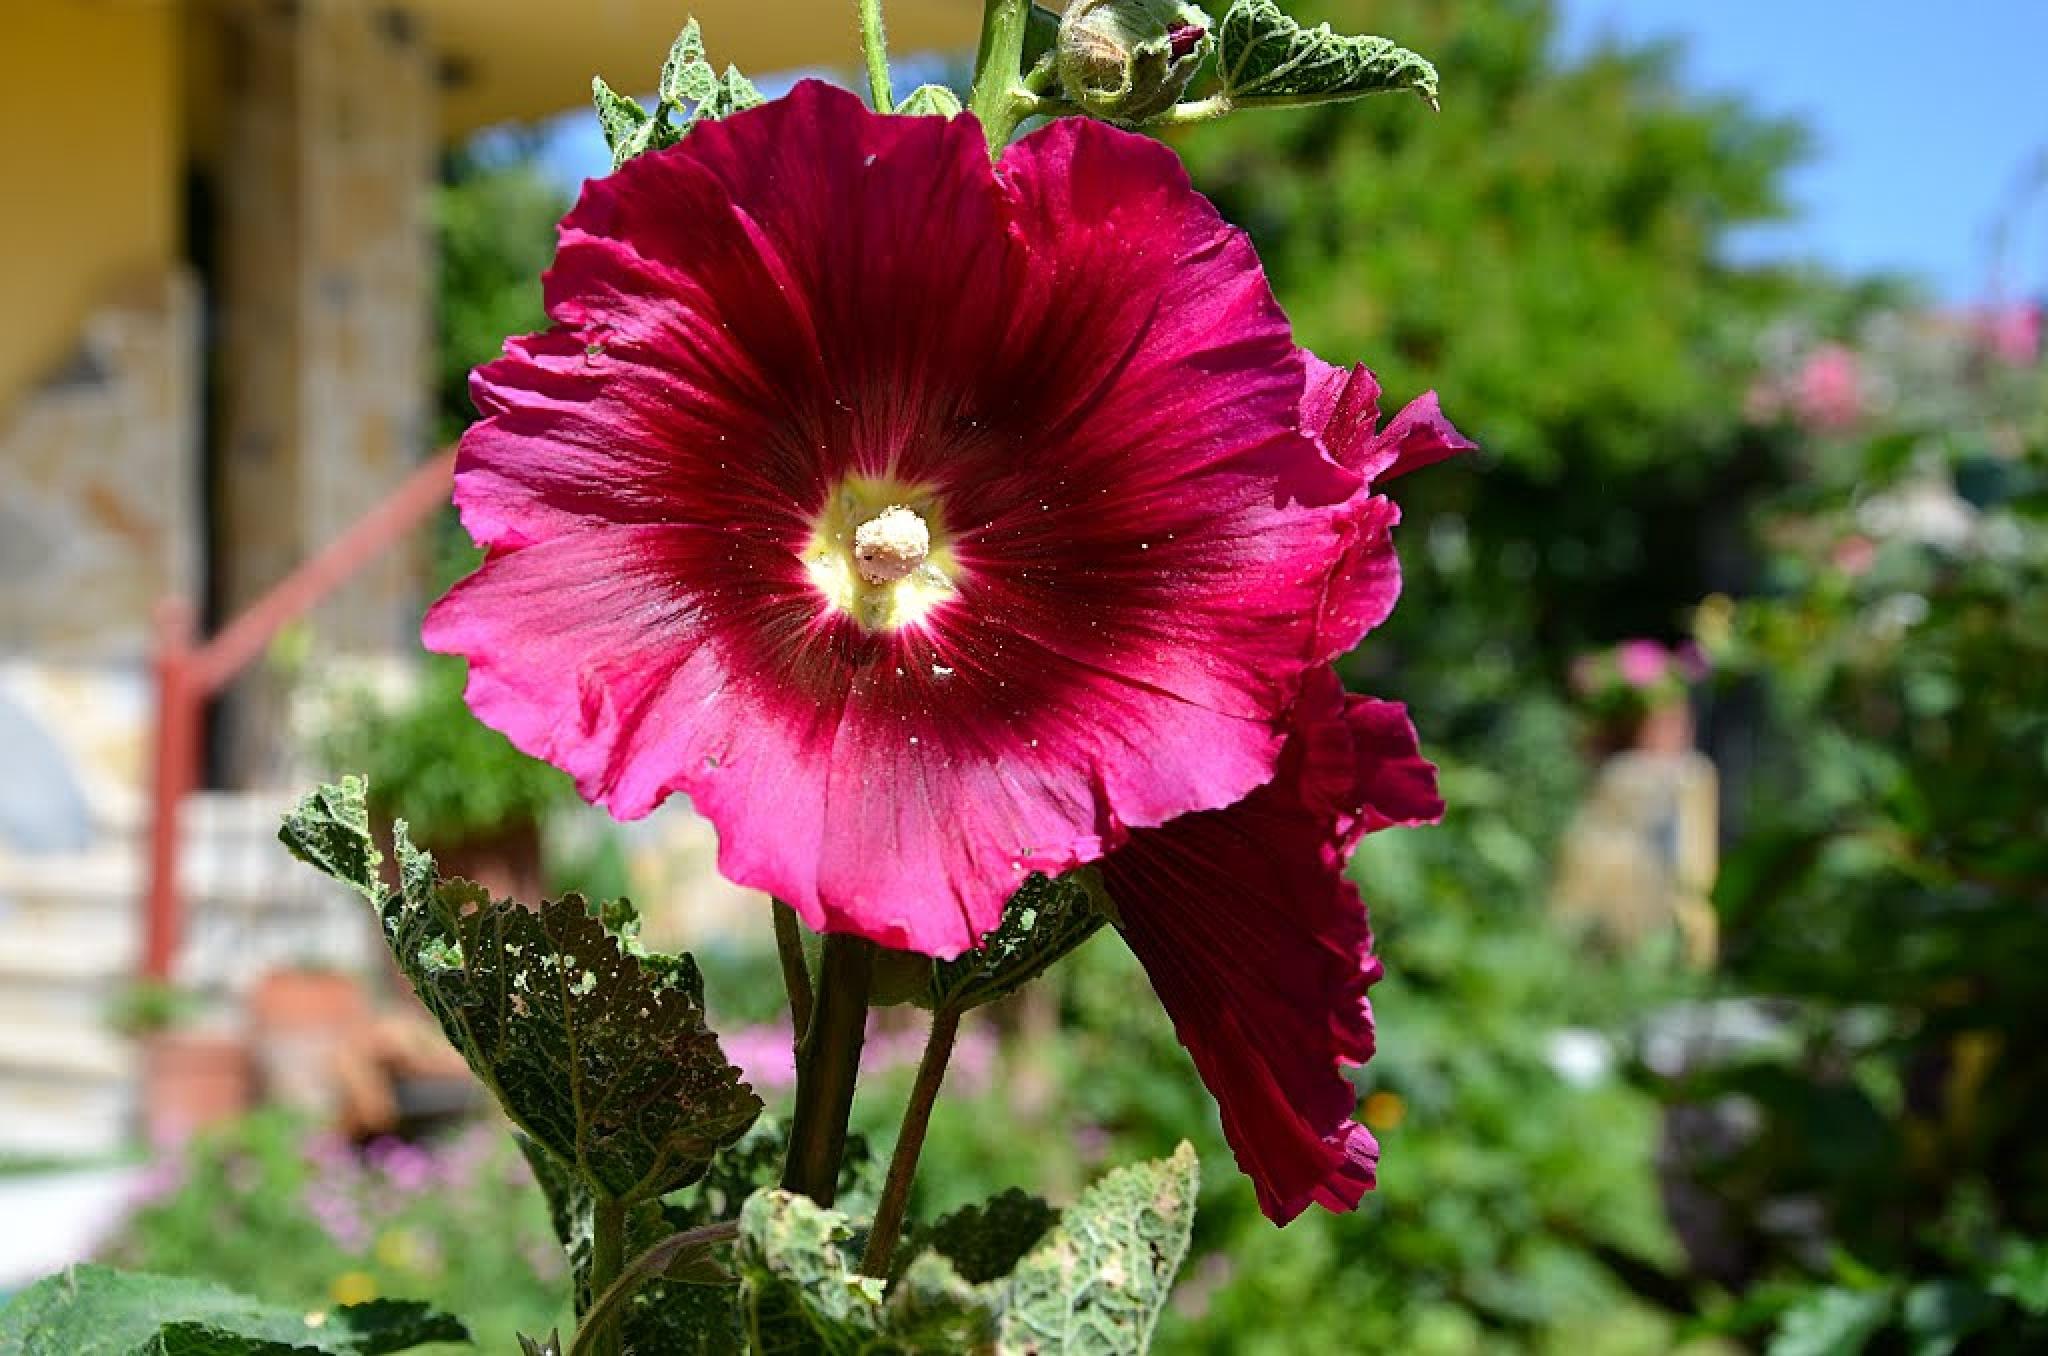 Flowers by refikyavas